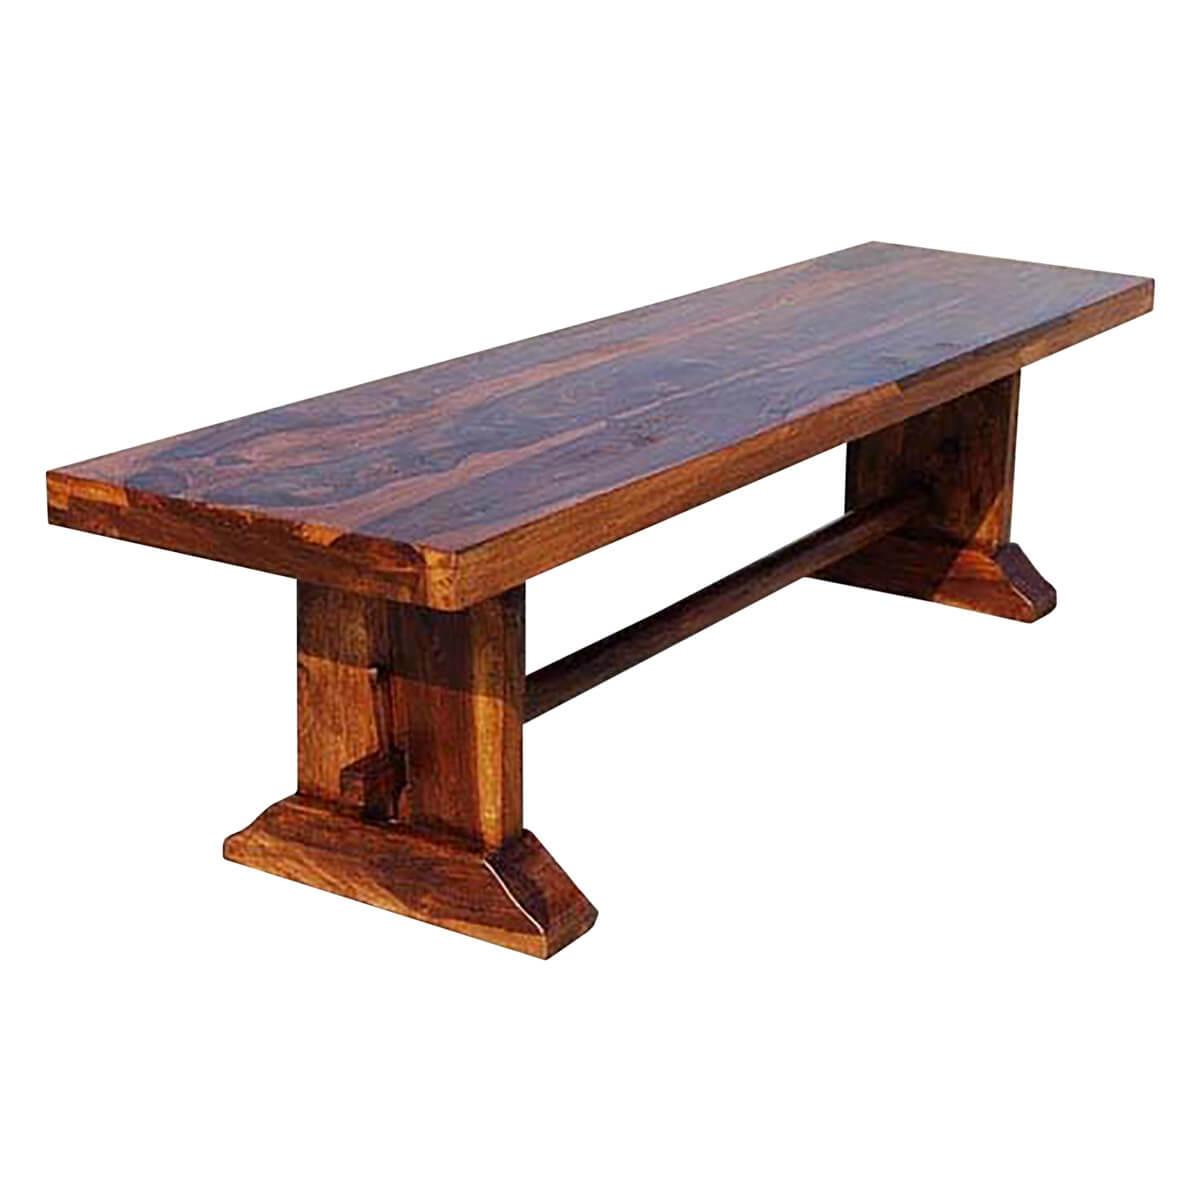 Rustic Furniture Solid Wood Indoor Wooden Bench